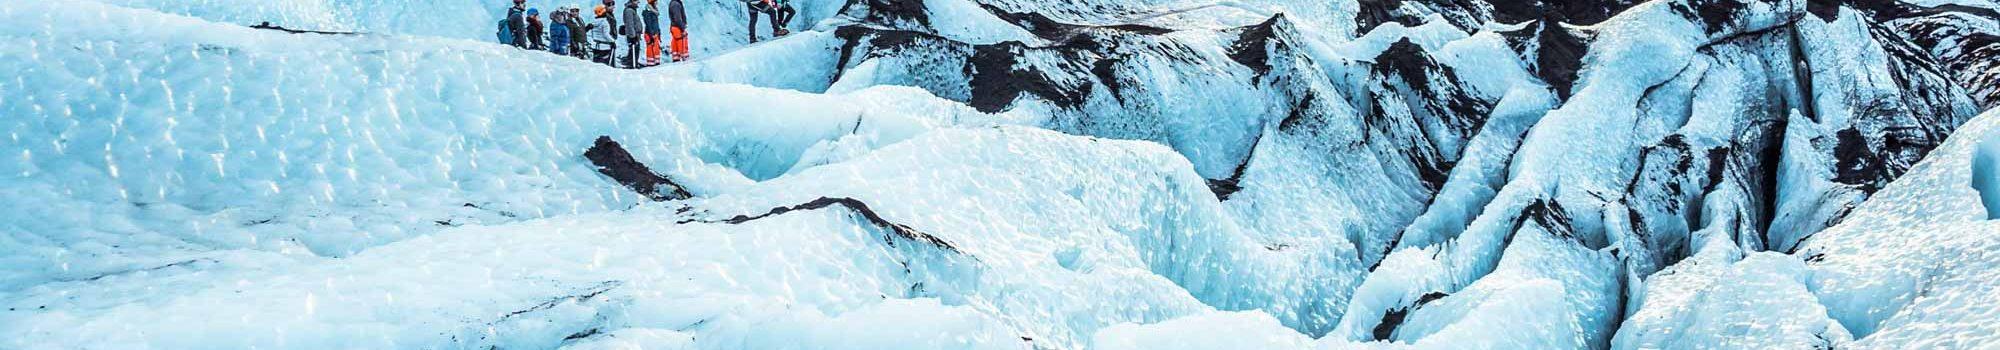 Glacier Hike Solheimajokull Iceland